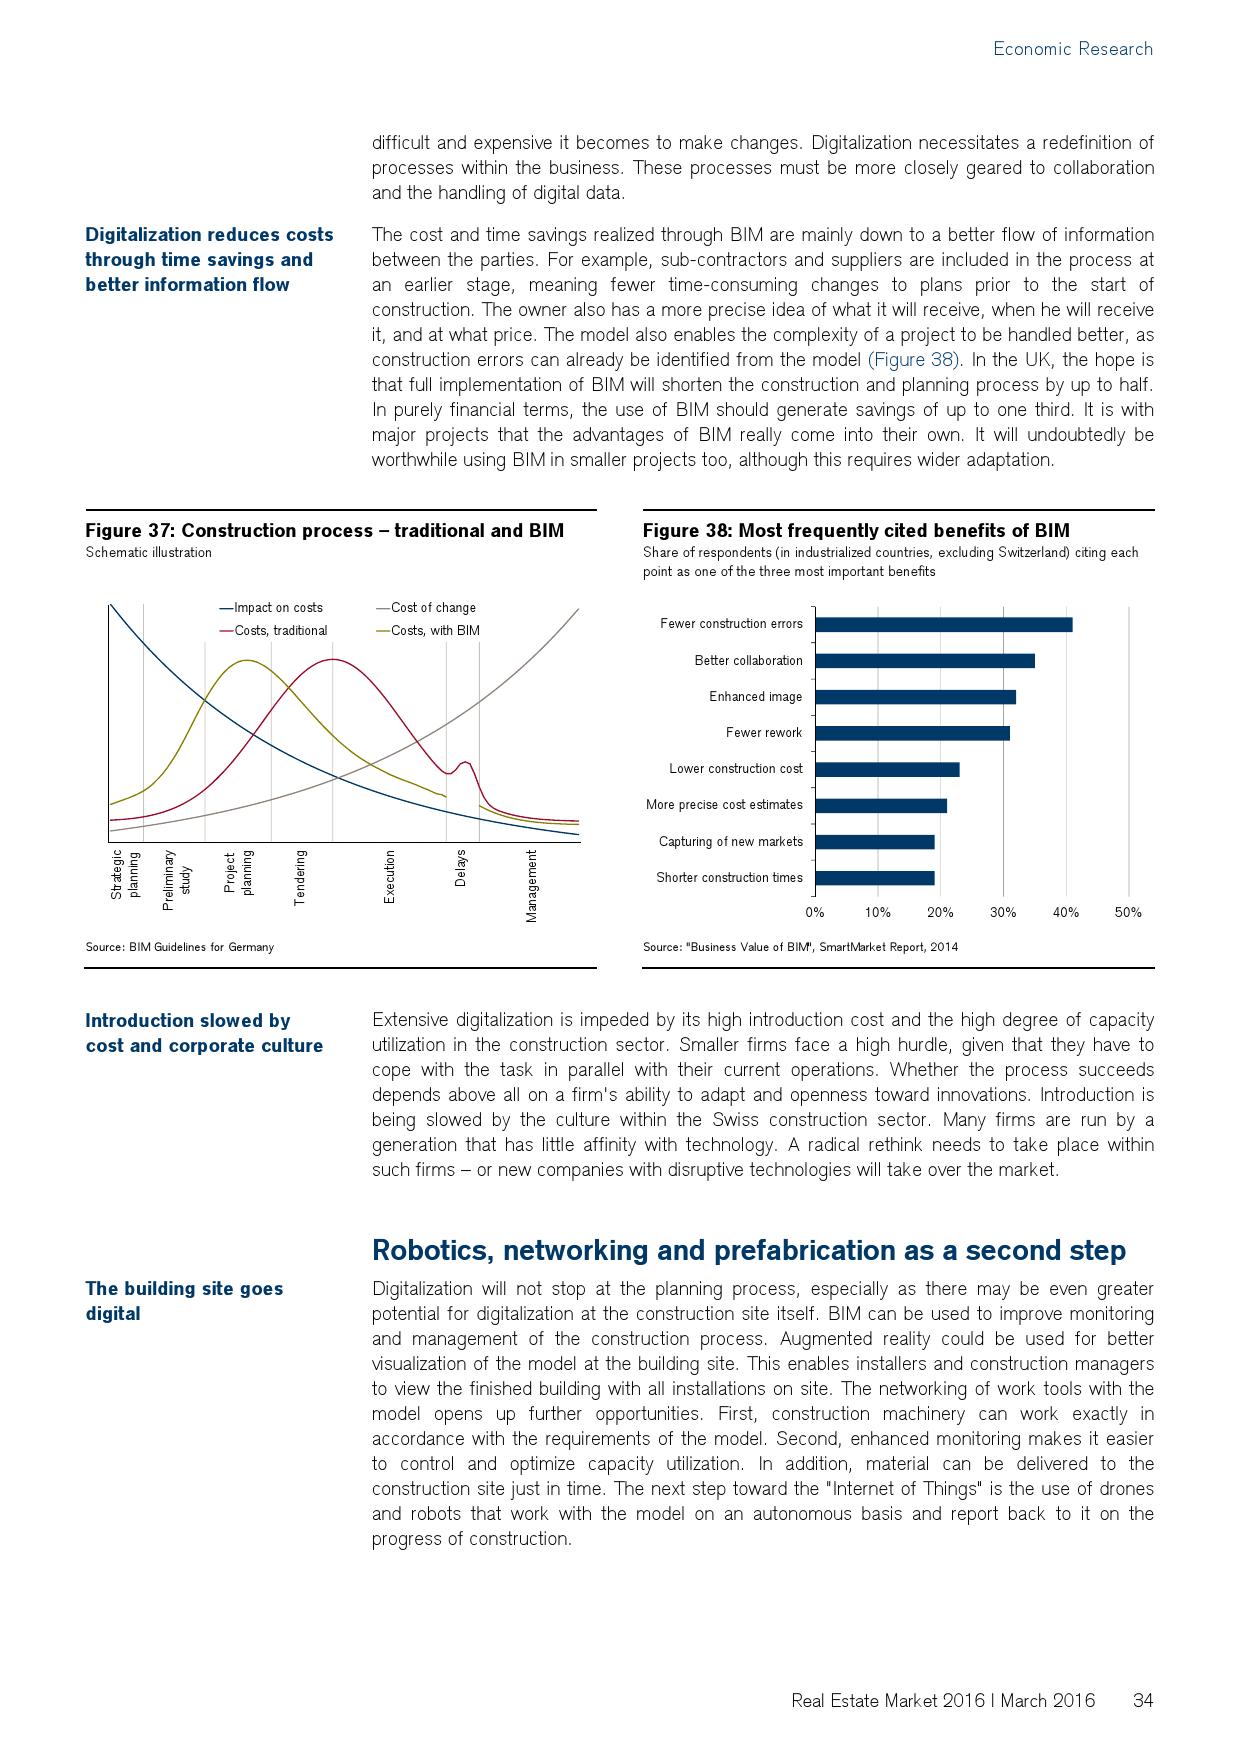 2016年瑞士房地产市场研究报告_000034